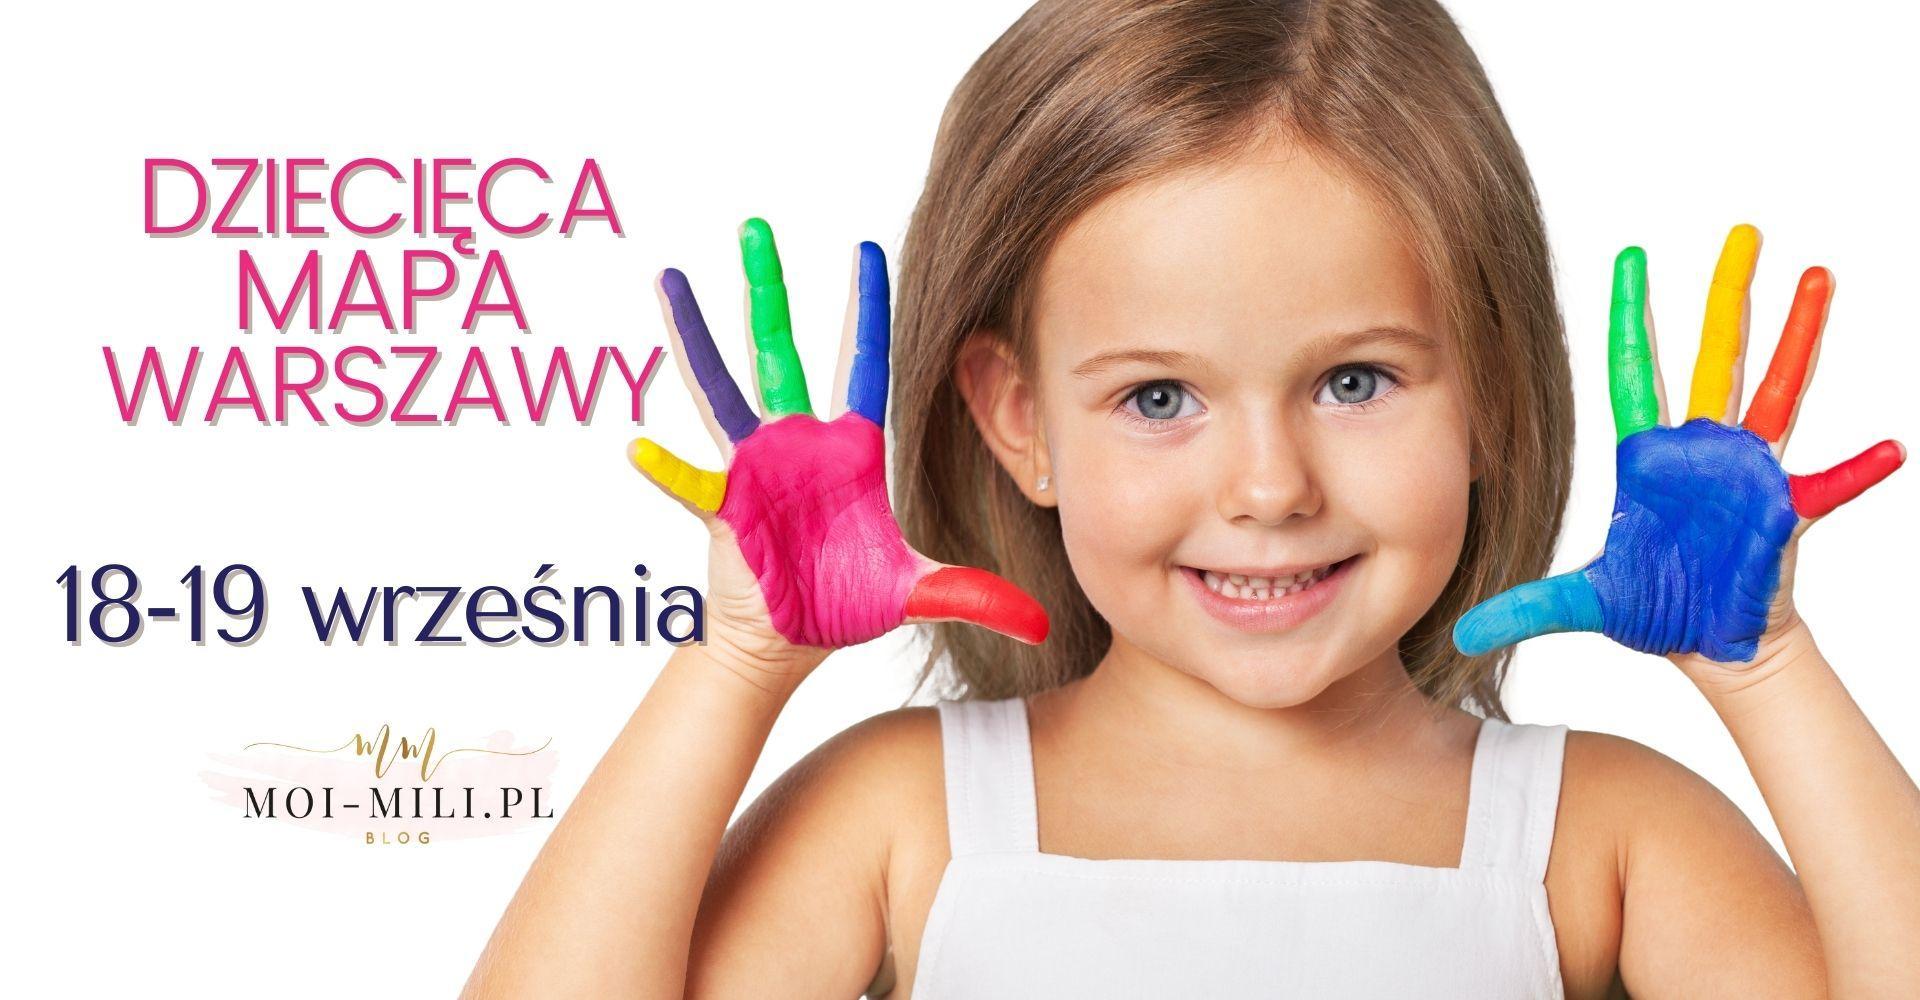 Weekendowa Zajawka, czyli co robić z dzieckiem w Warszawie 18-19 września